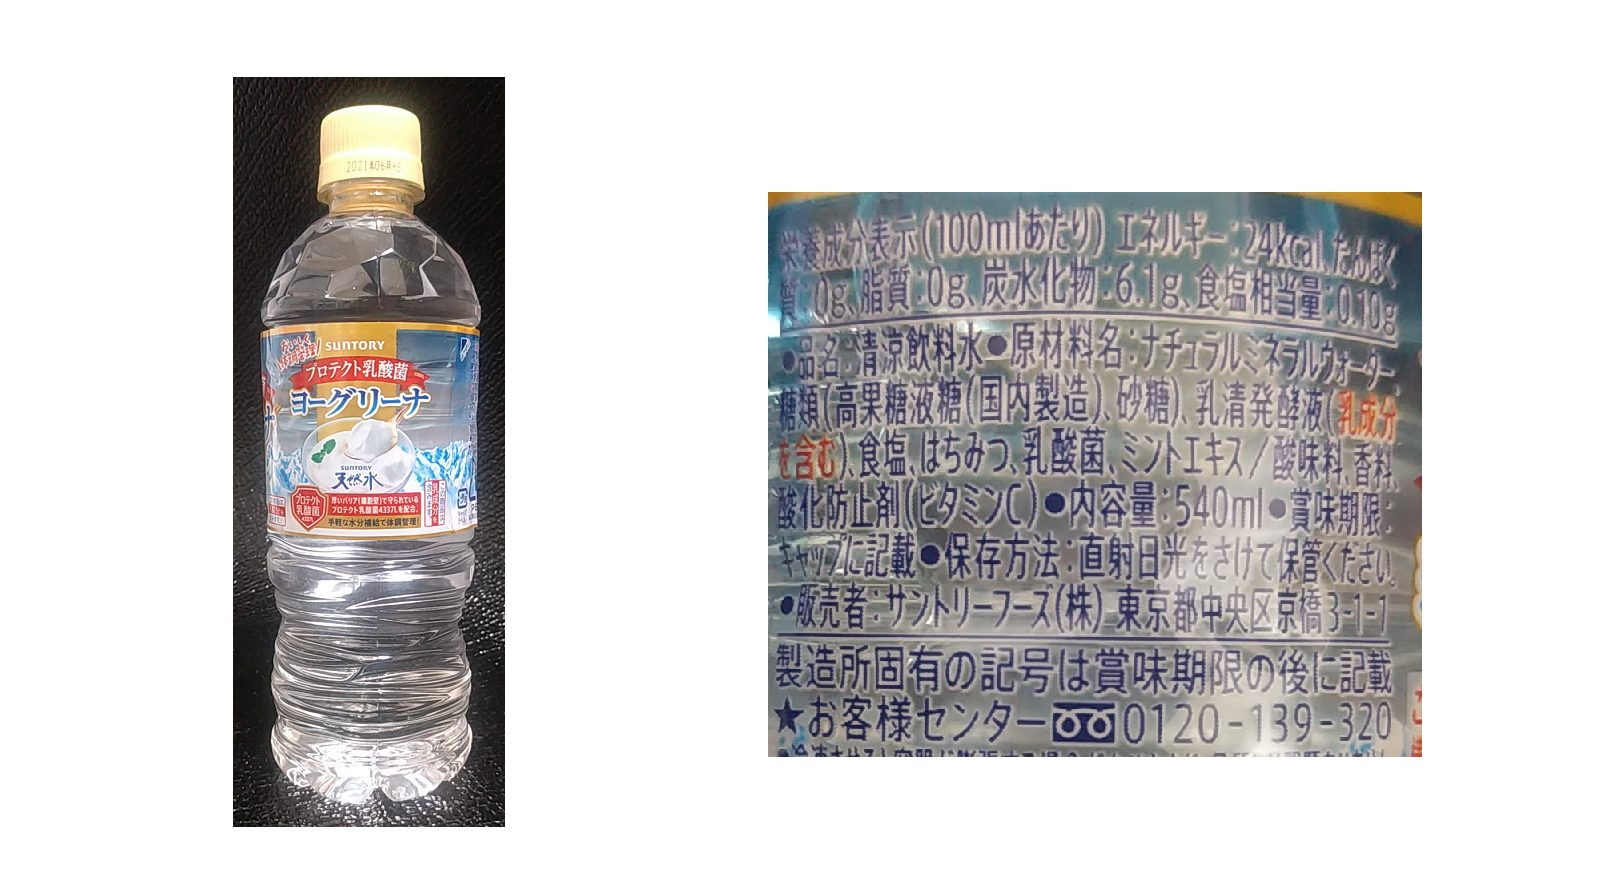 「ヨーグリーナ&サントリー天然水」のアイキャッチ